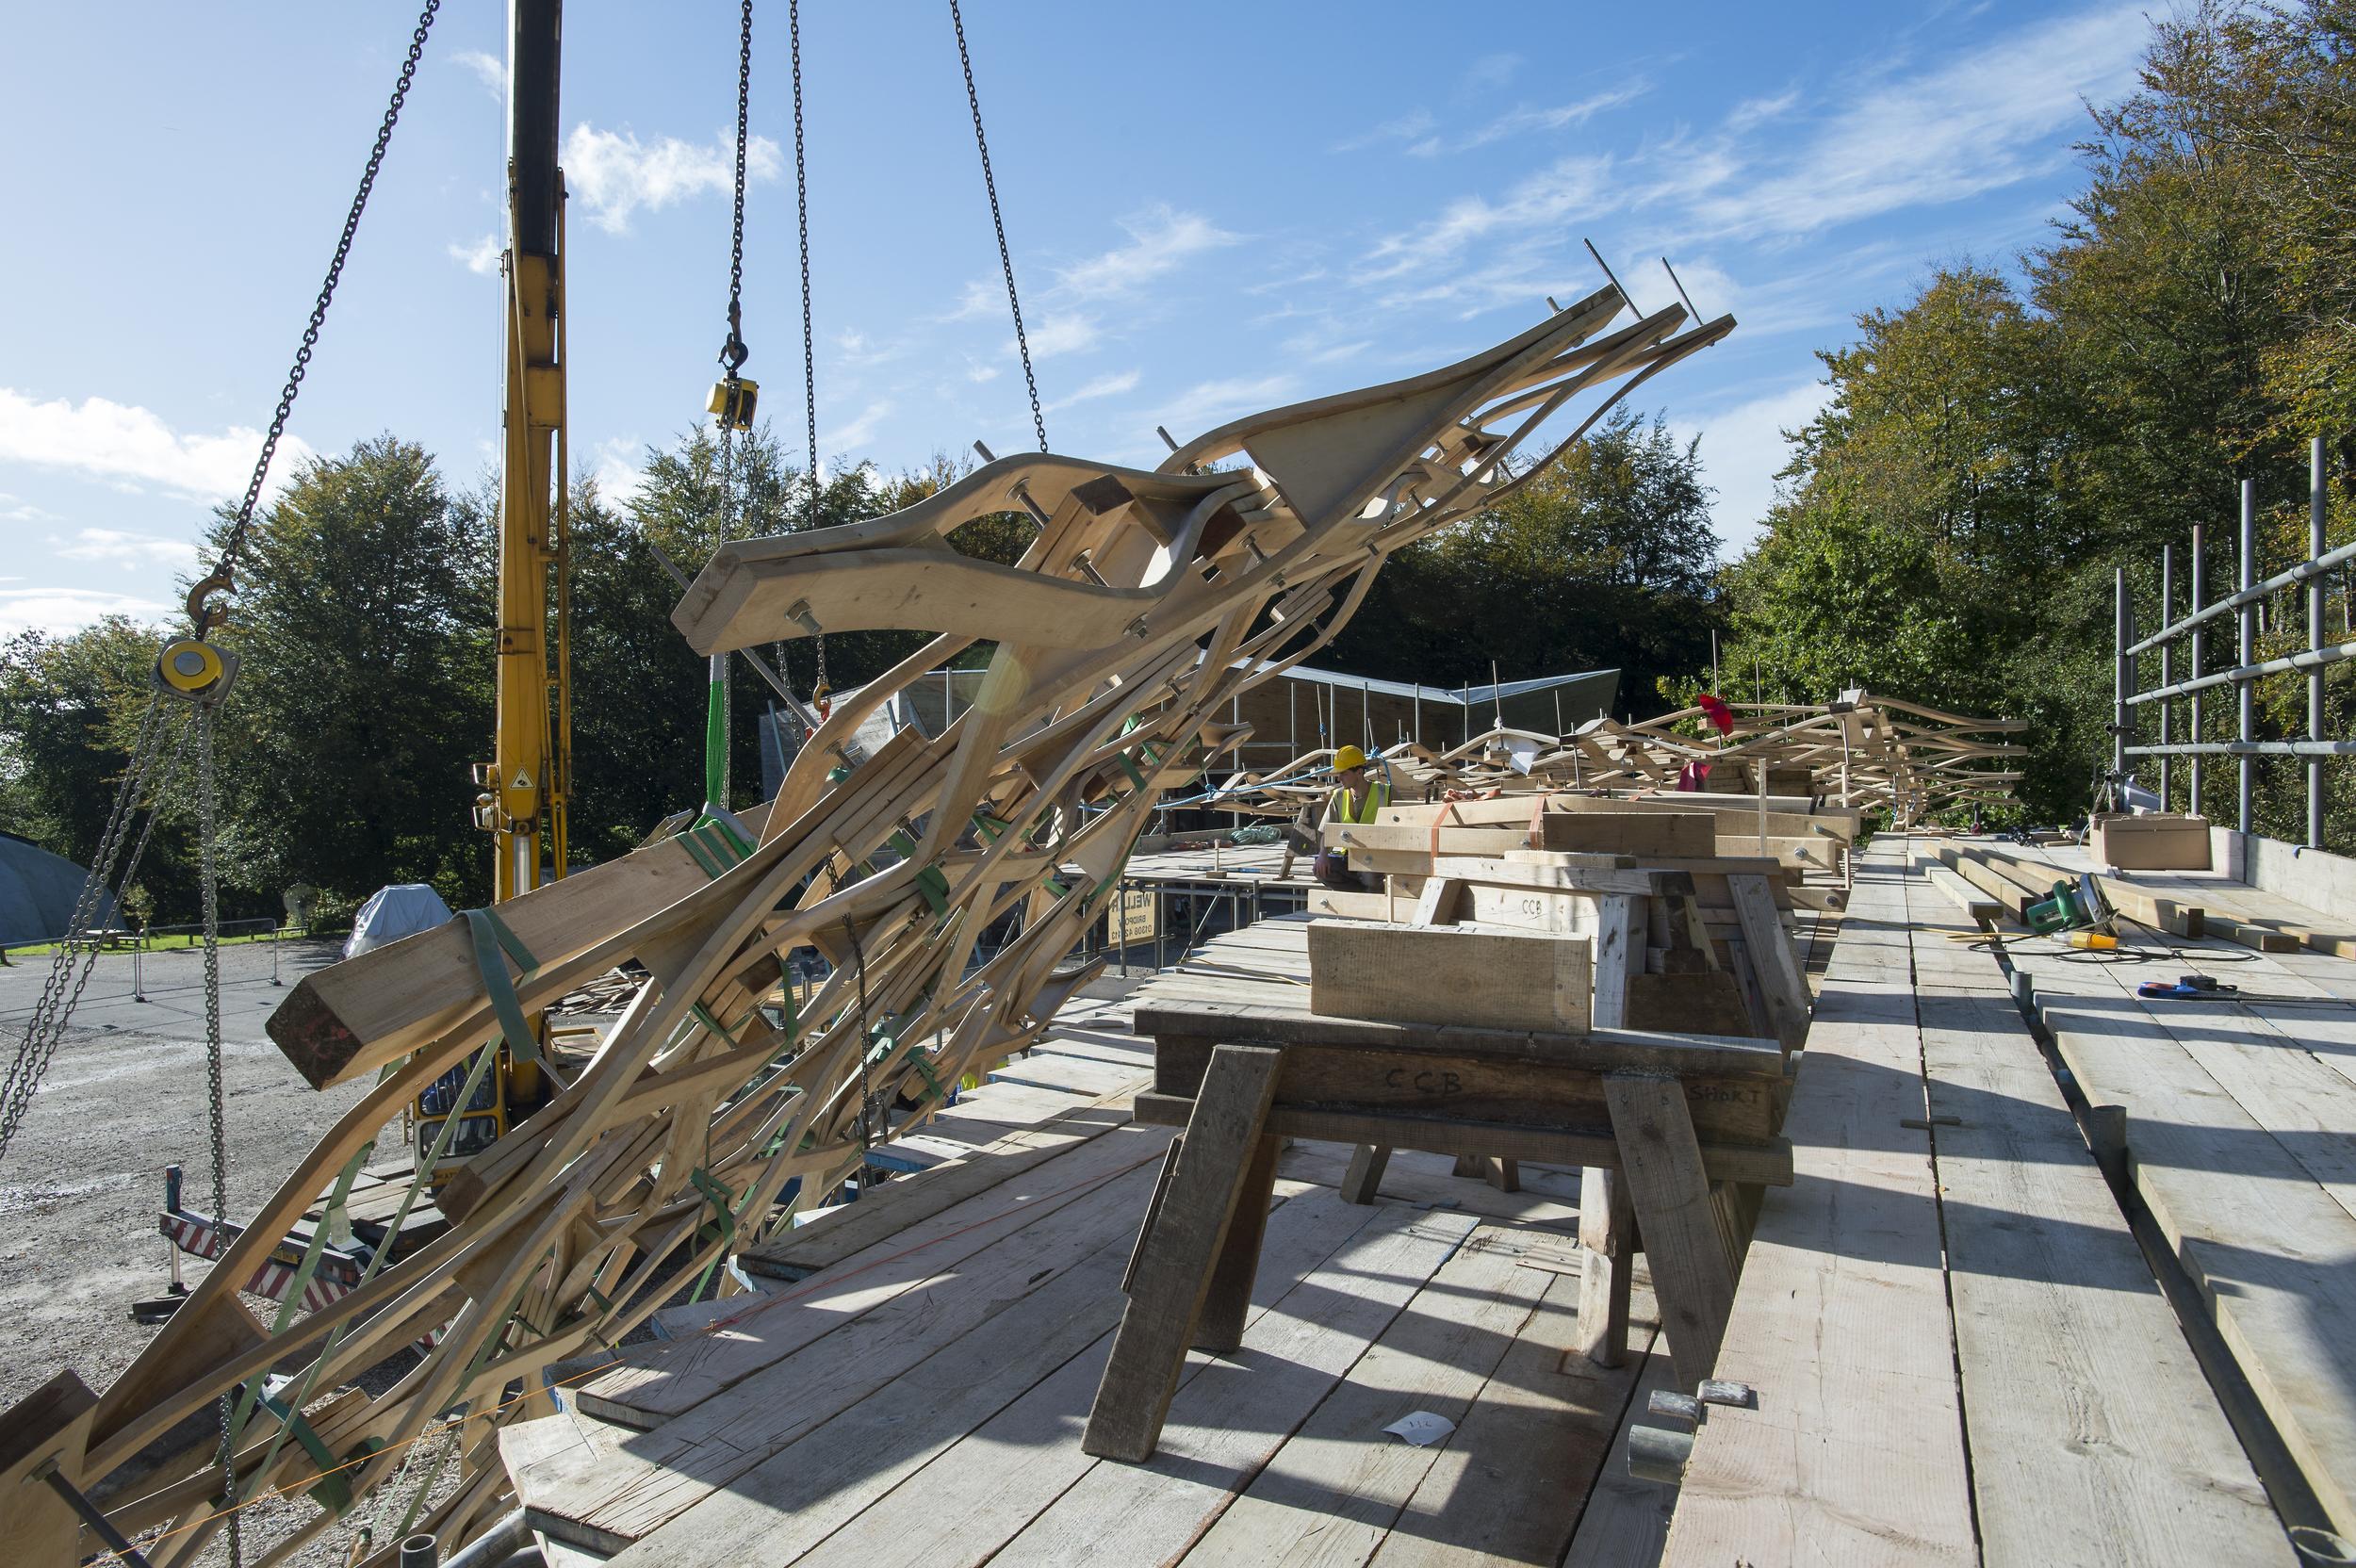 Hooke_Design_&_Make_Timber_Seasoning_Shelter_Canopy_Lift_VB_2013_10_23_0169.jpg